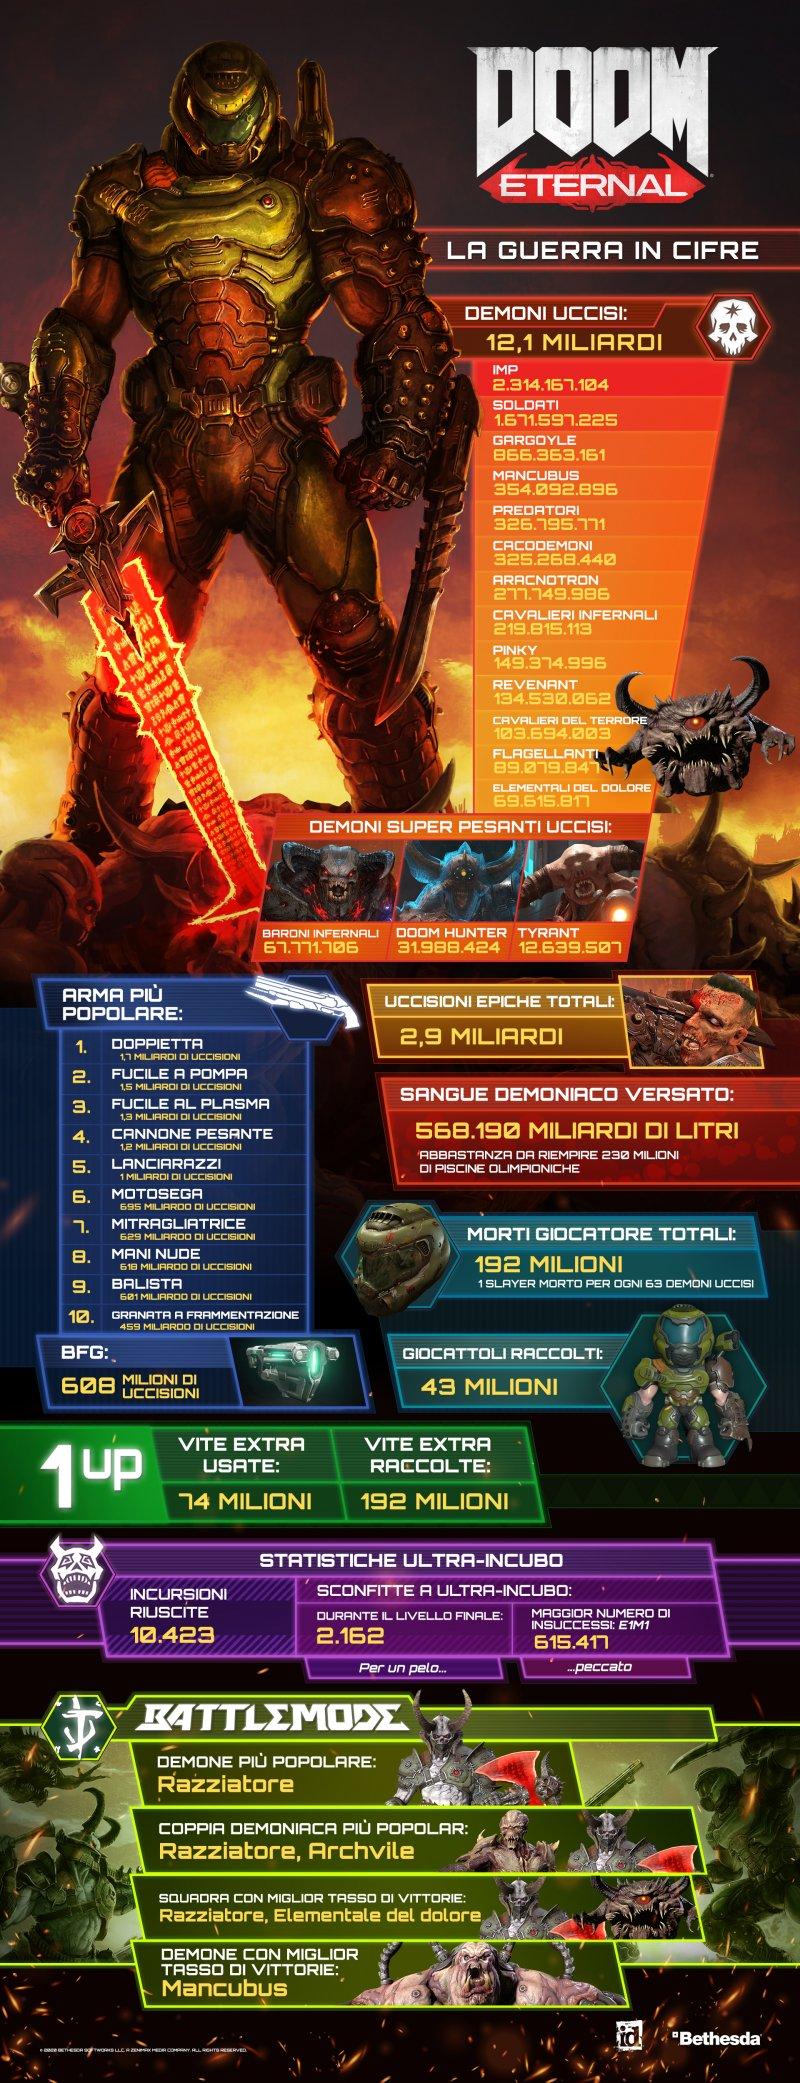 Doom Eternal Vanitymetric Infographic It